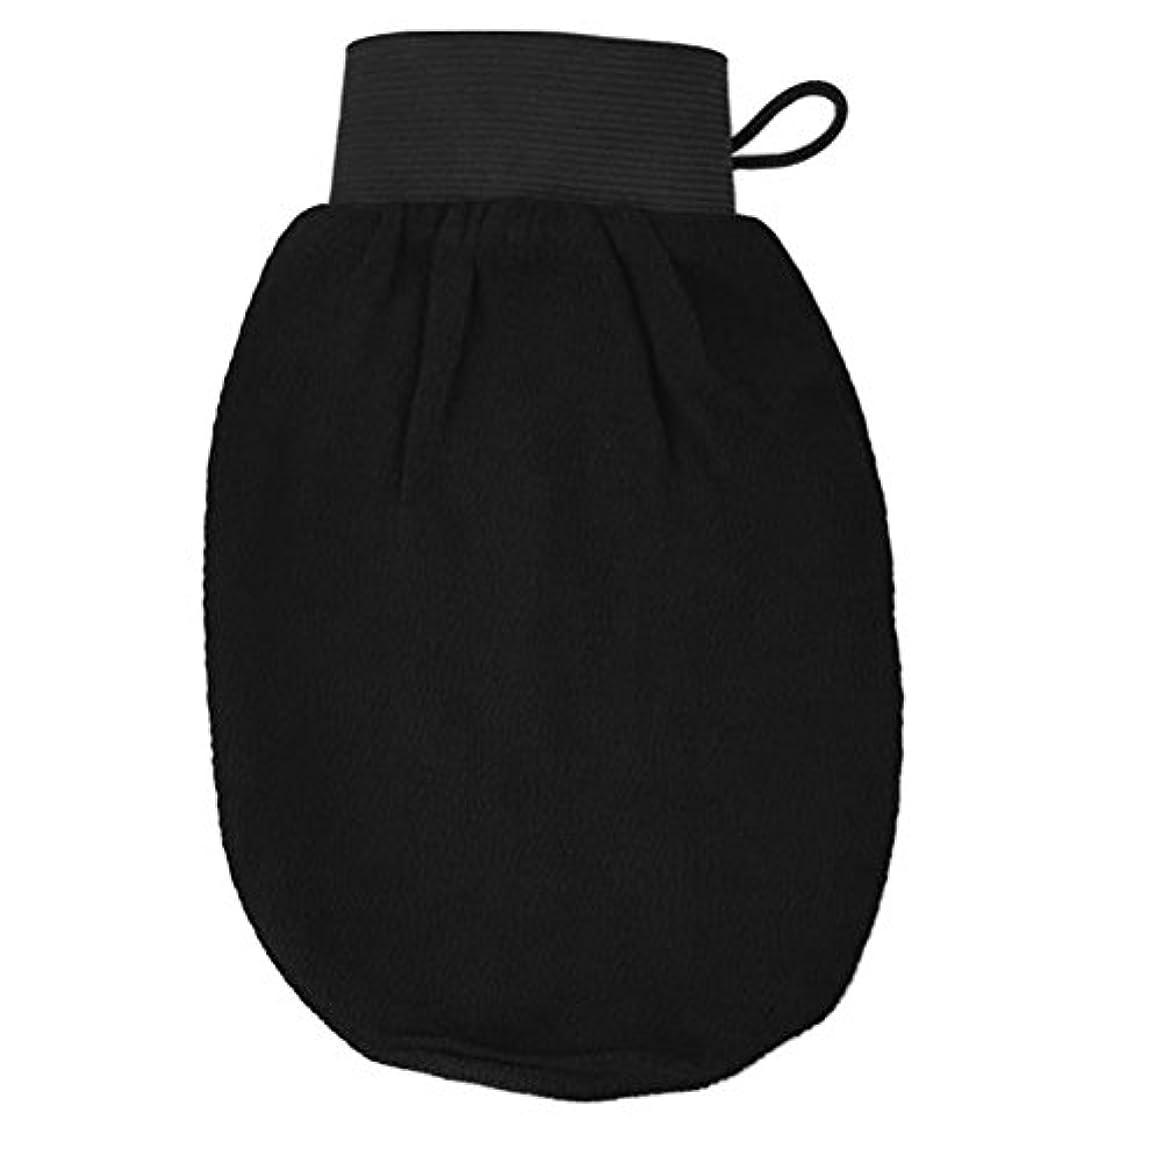 欠点陸軍服を片付けるROSENICE バスグローブ 浴用グローブ 角質取り 泡立ち 垢擦り 手袋 マッサージ ボディウォッシュ シャワー バスルーム 男女兼用 バス用品(ブラック)